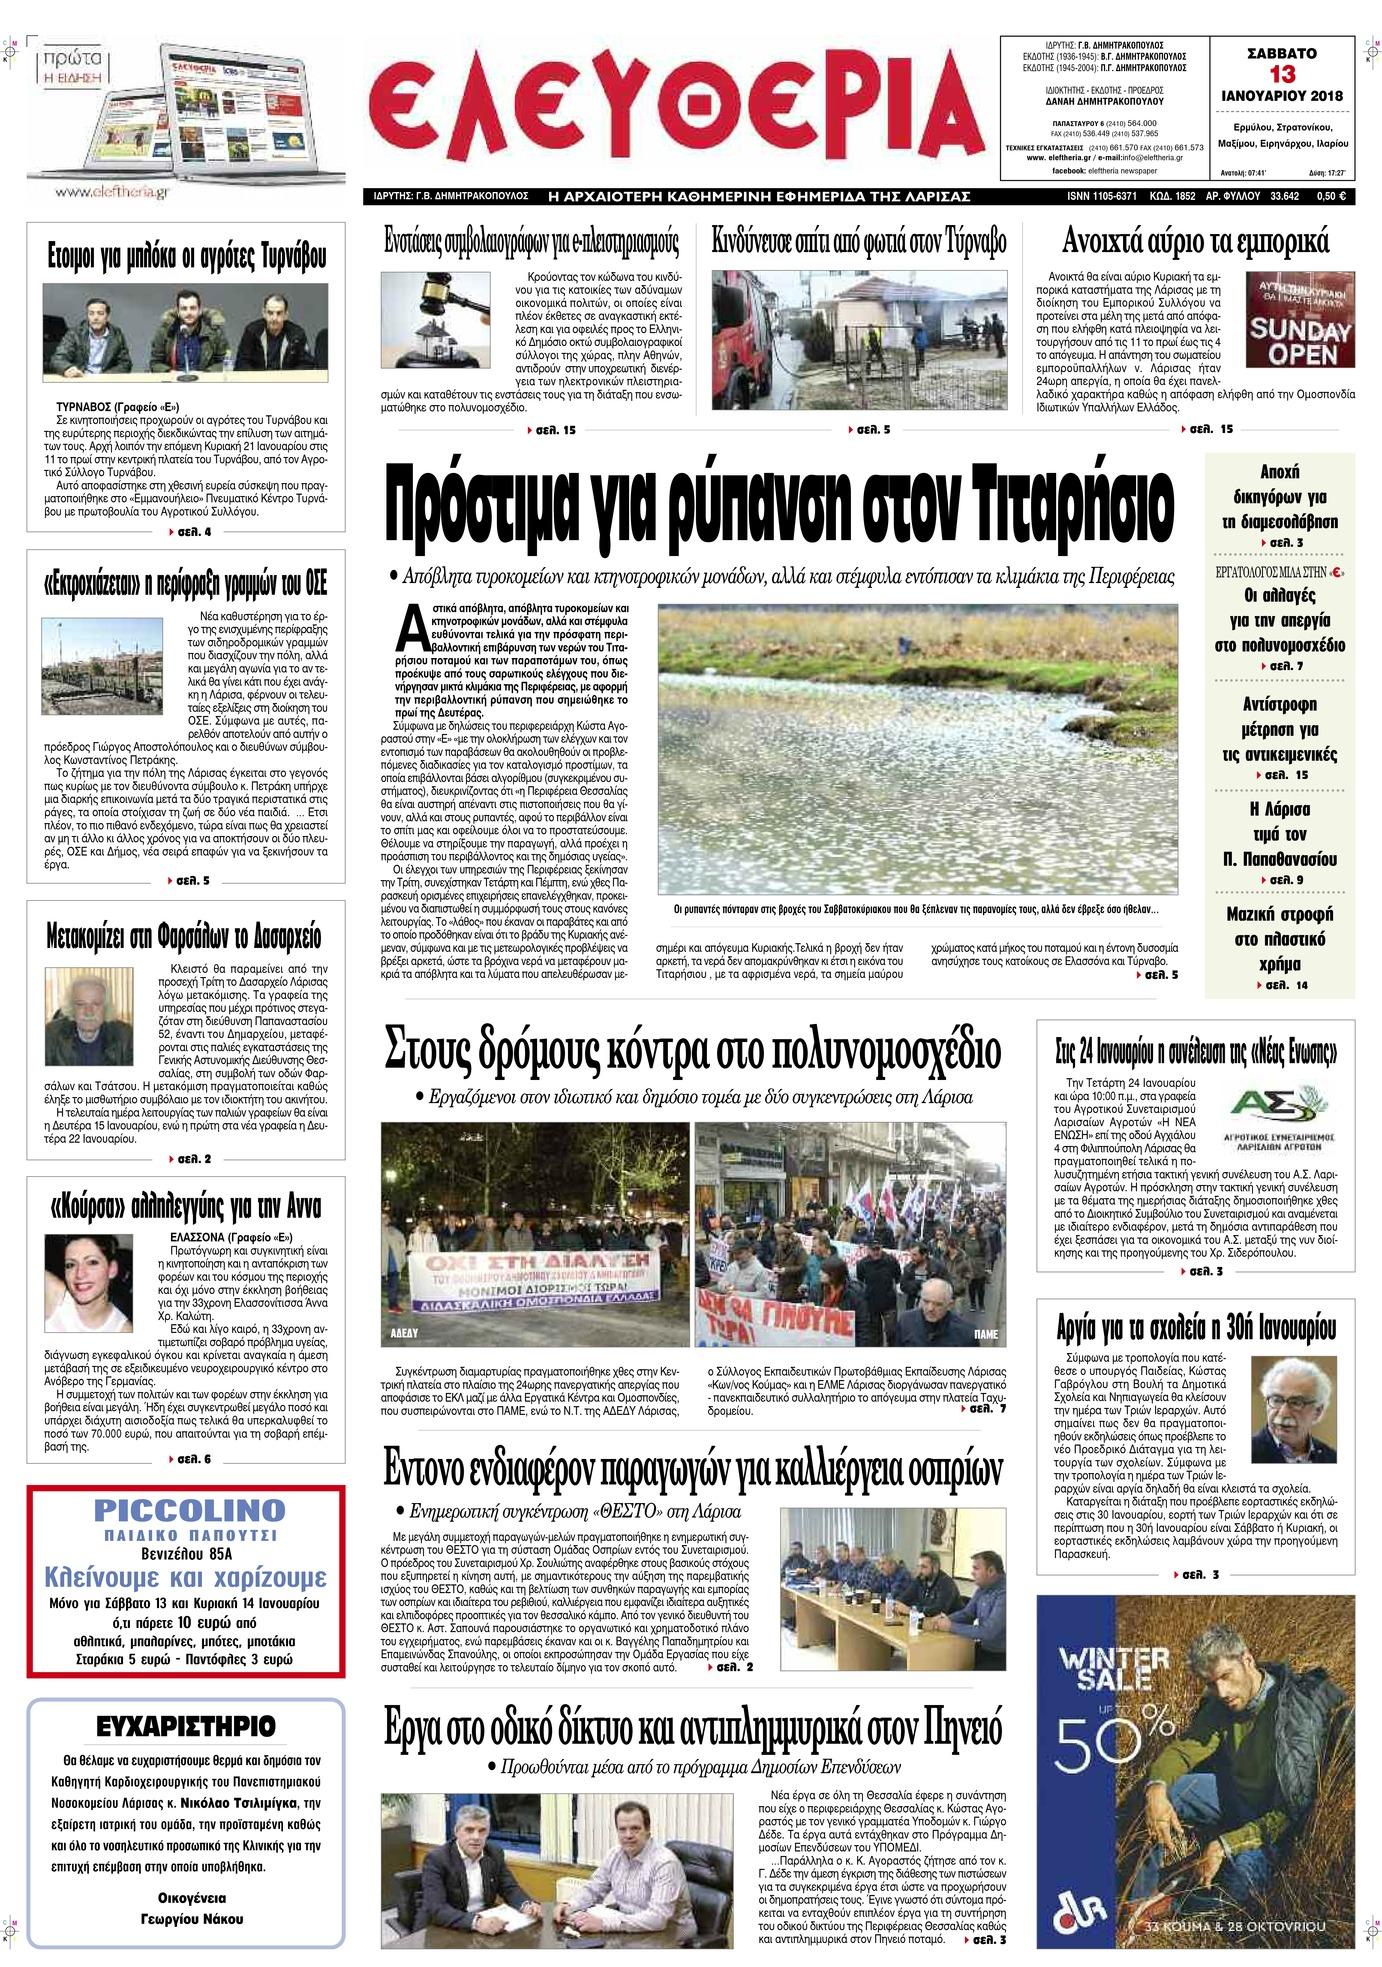 Πρωτοσέλιδο εφημερίδας Ελευθερία Λάρισσας